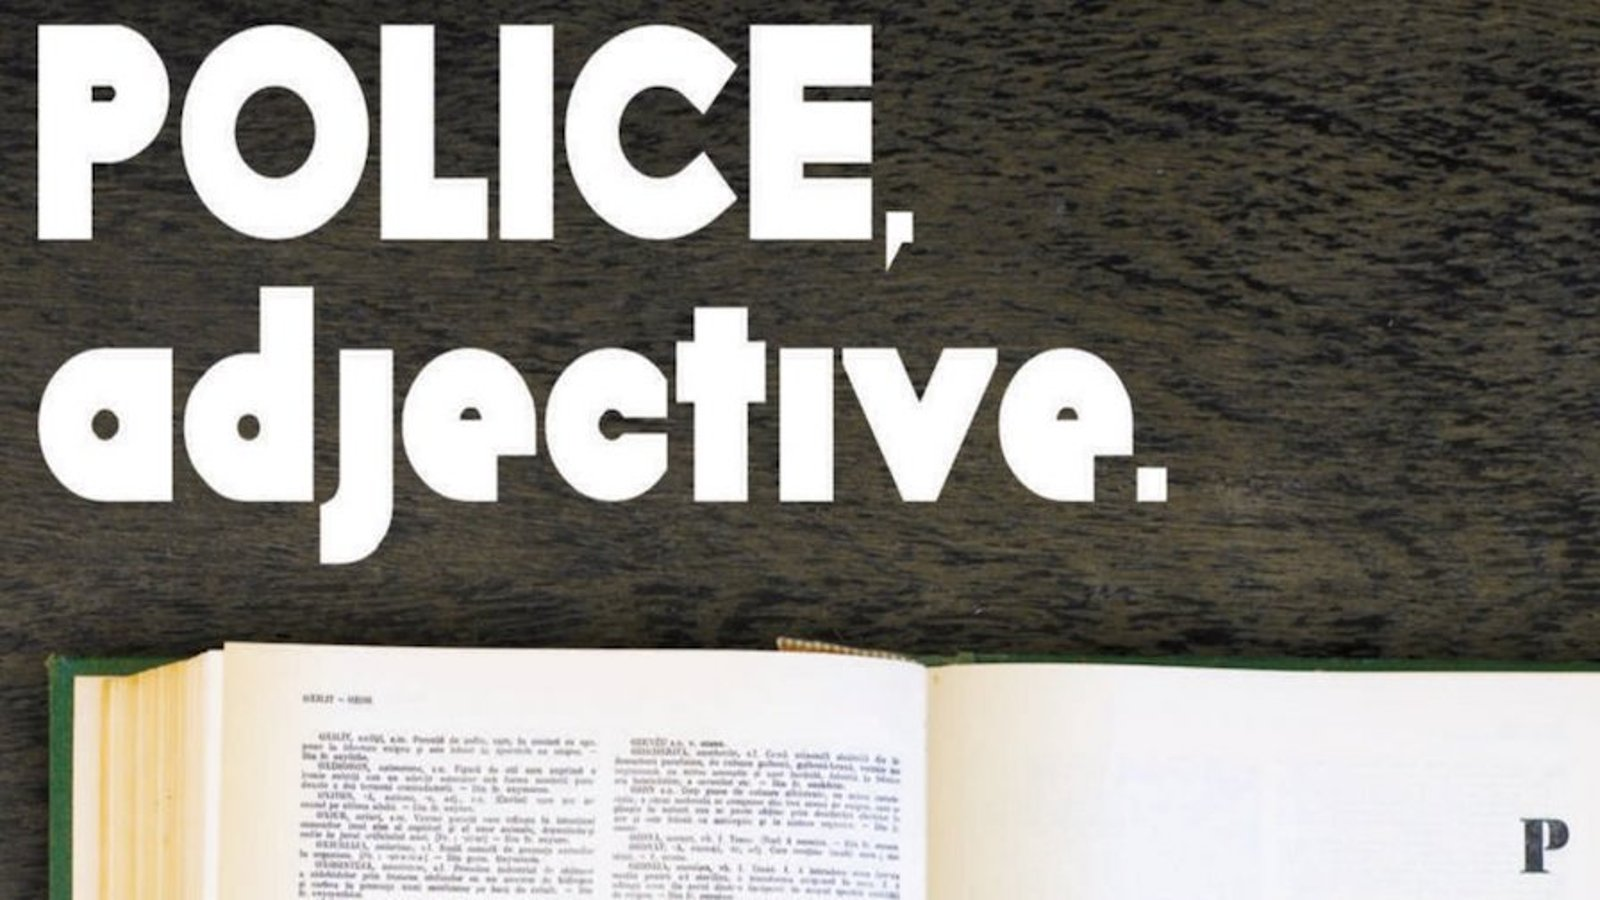 Police, Adjective - Politist, adjectiv